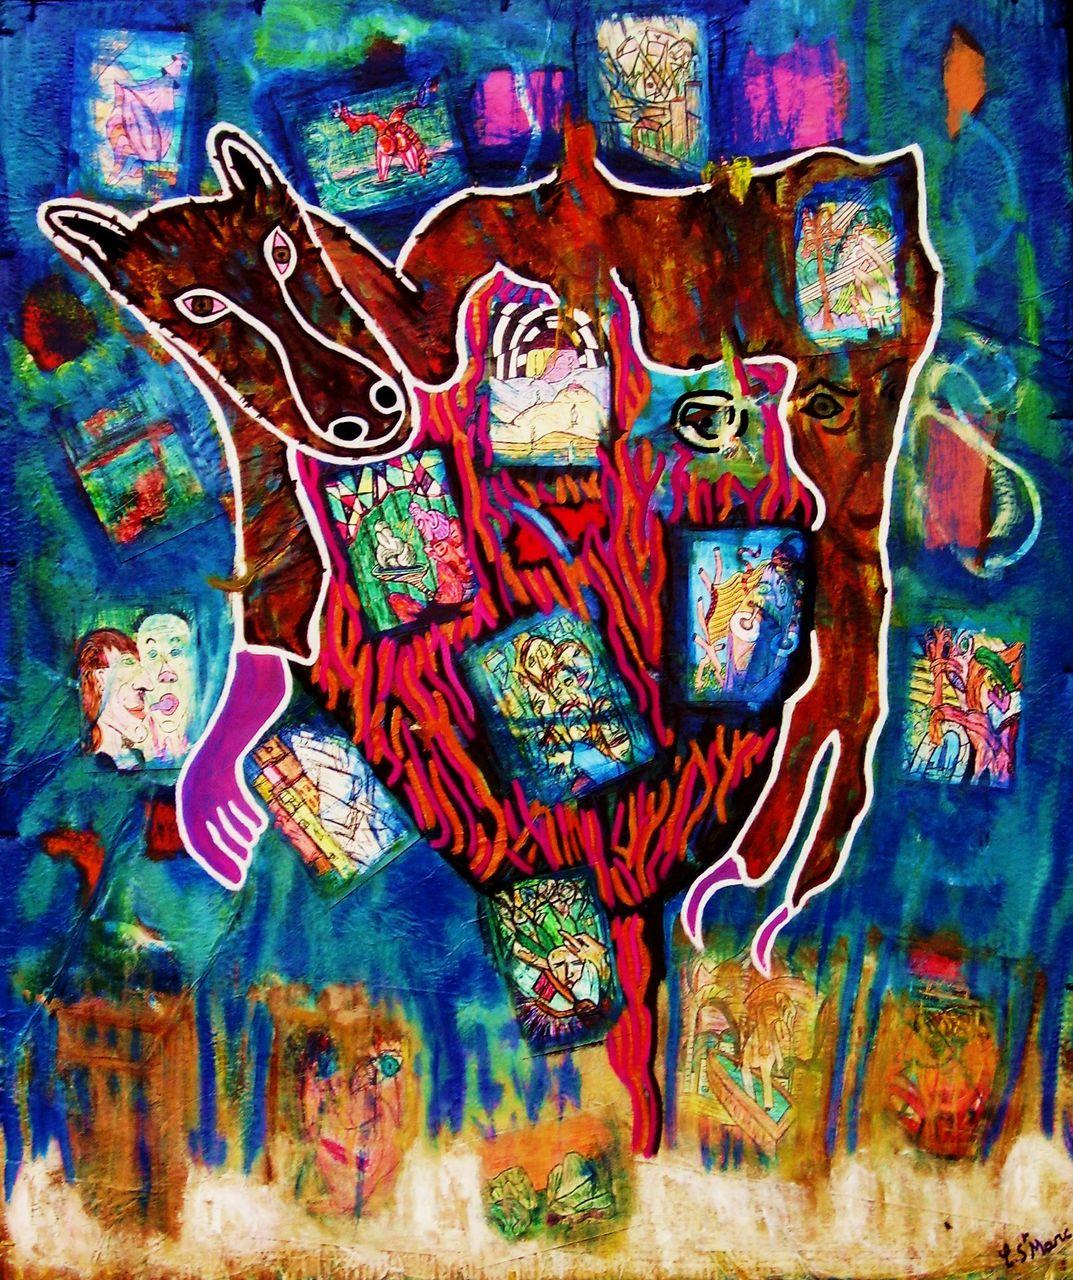 christian saint marc kraft-work 2008